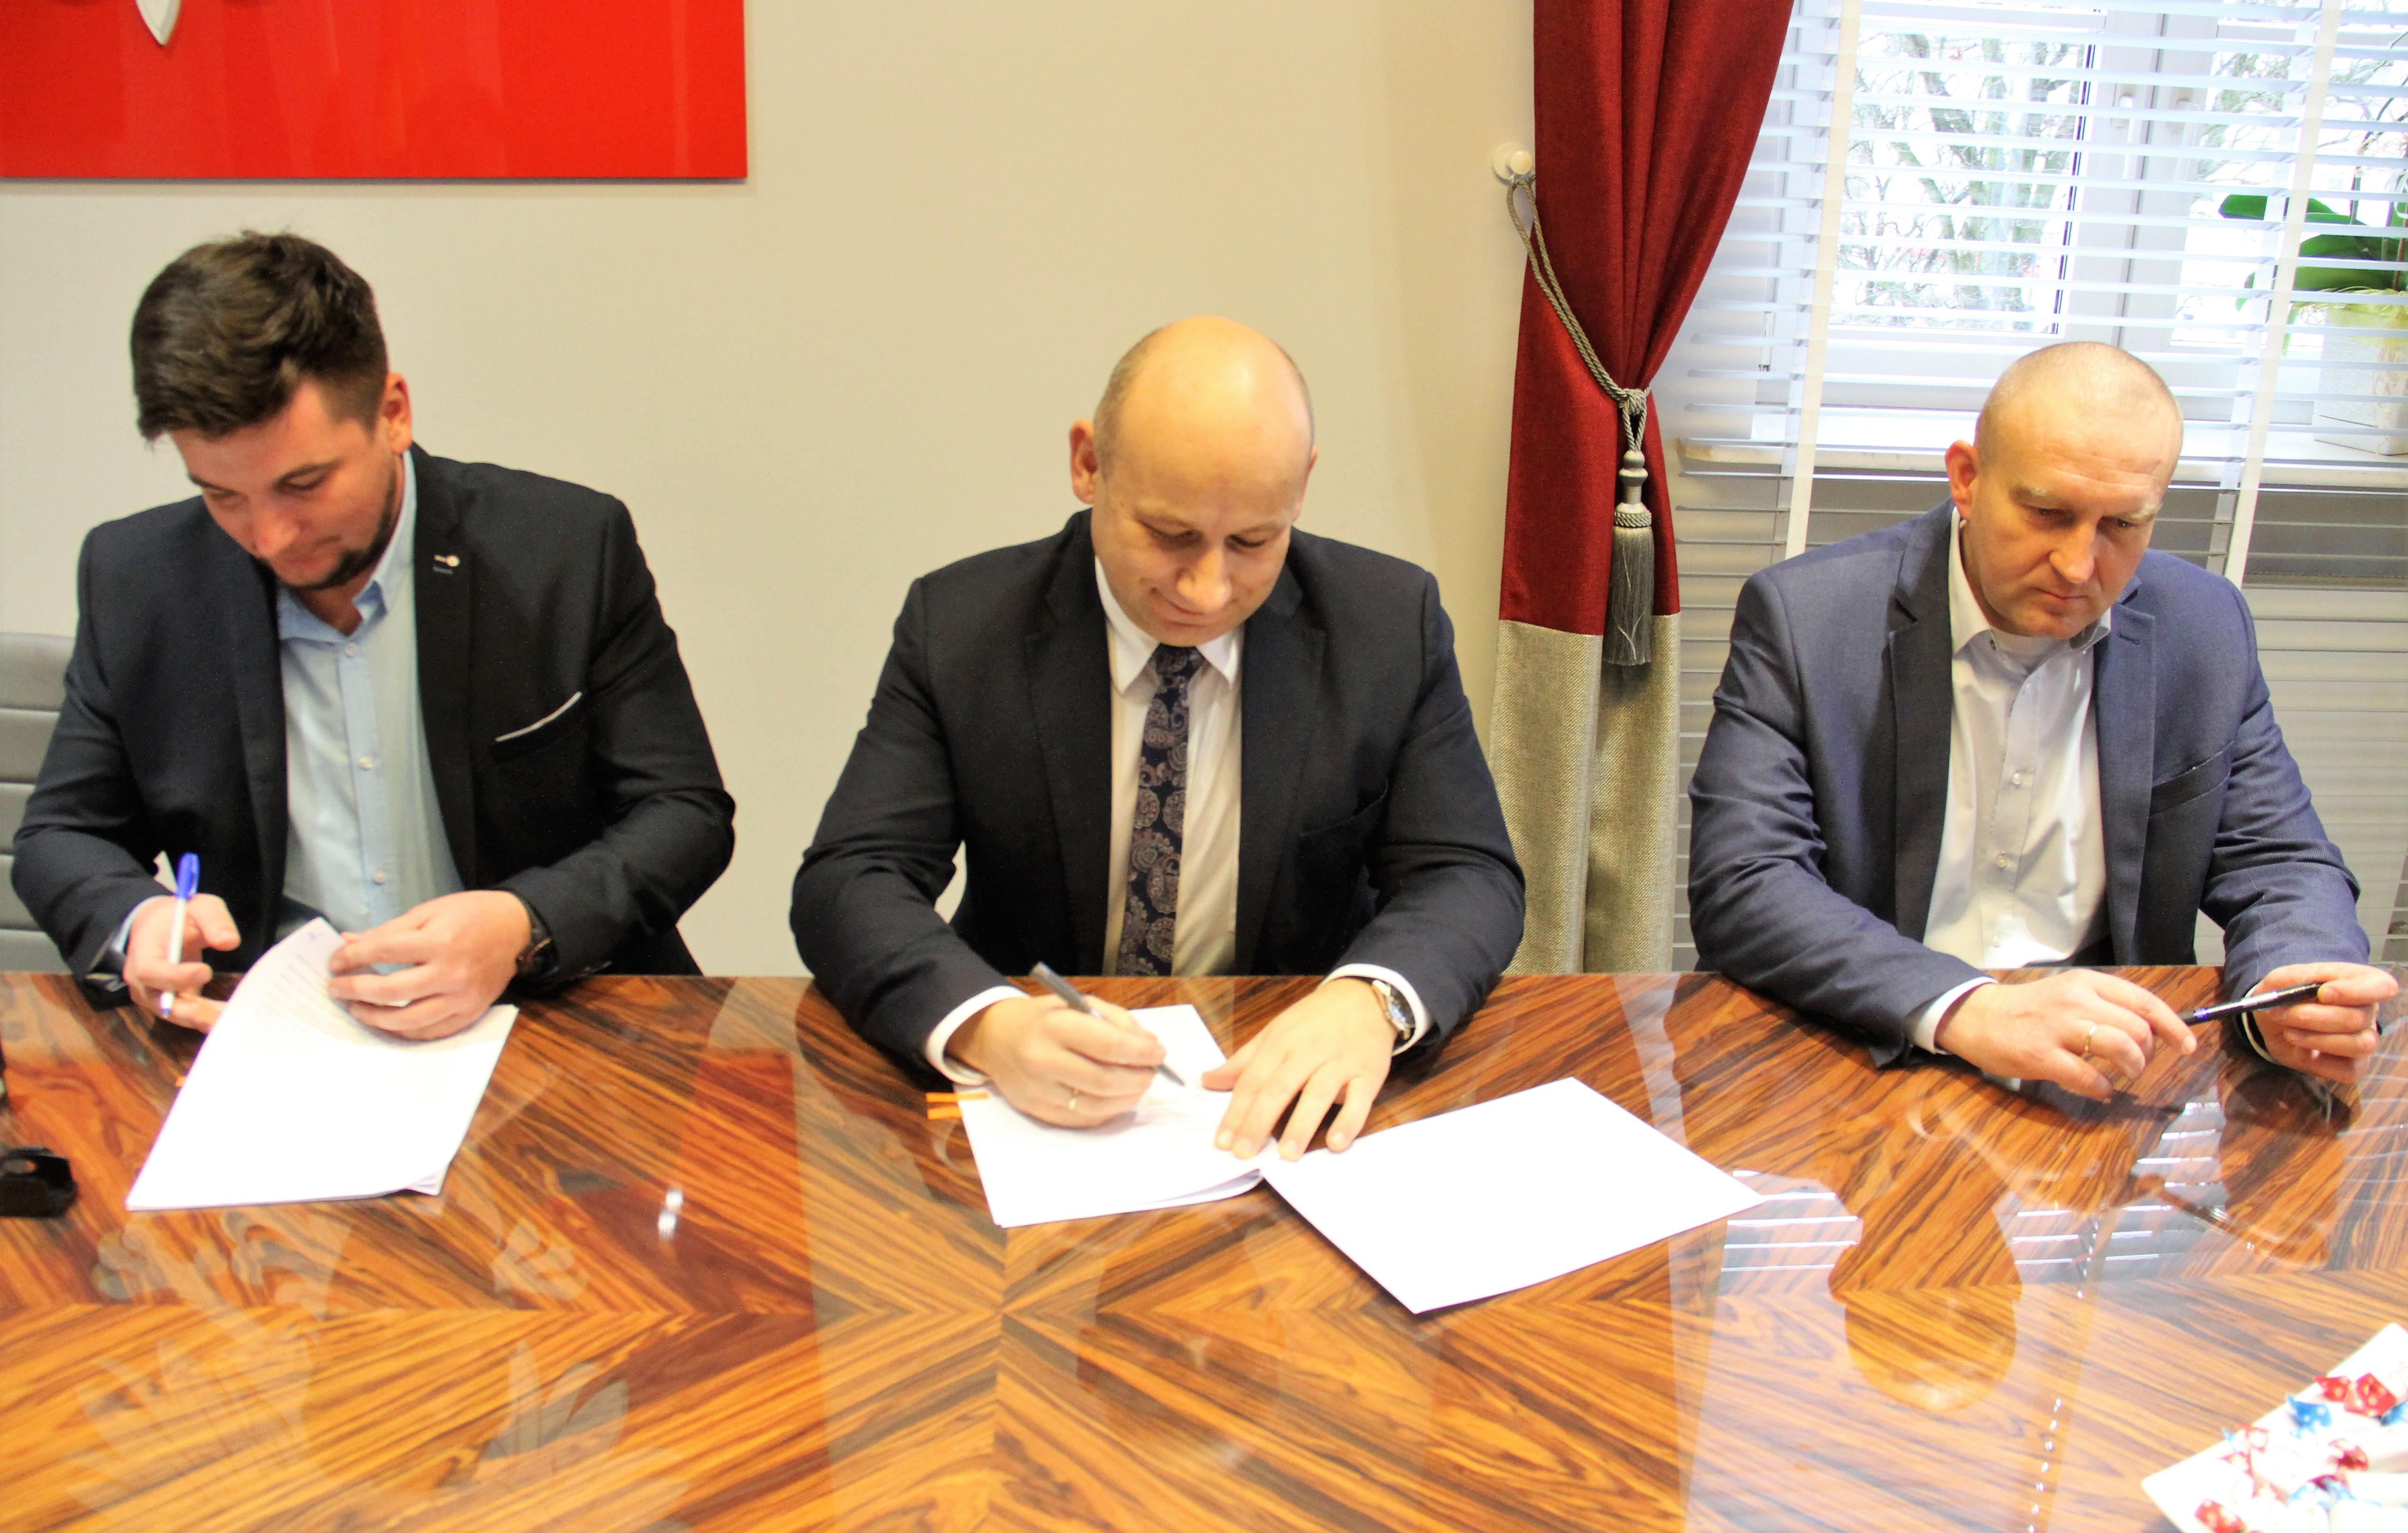 podpisanie umowy na budowę żłobka2019